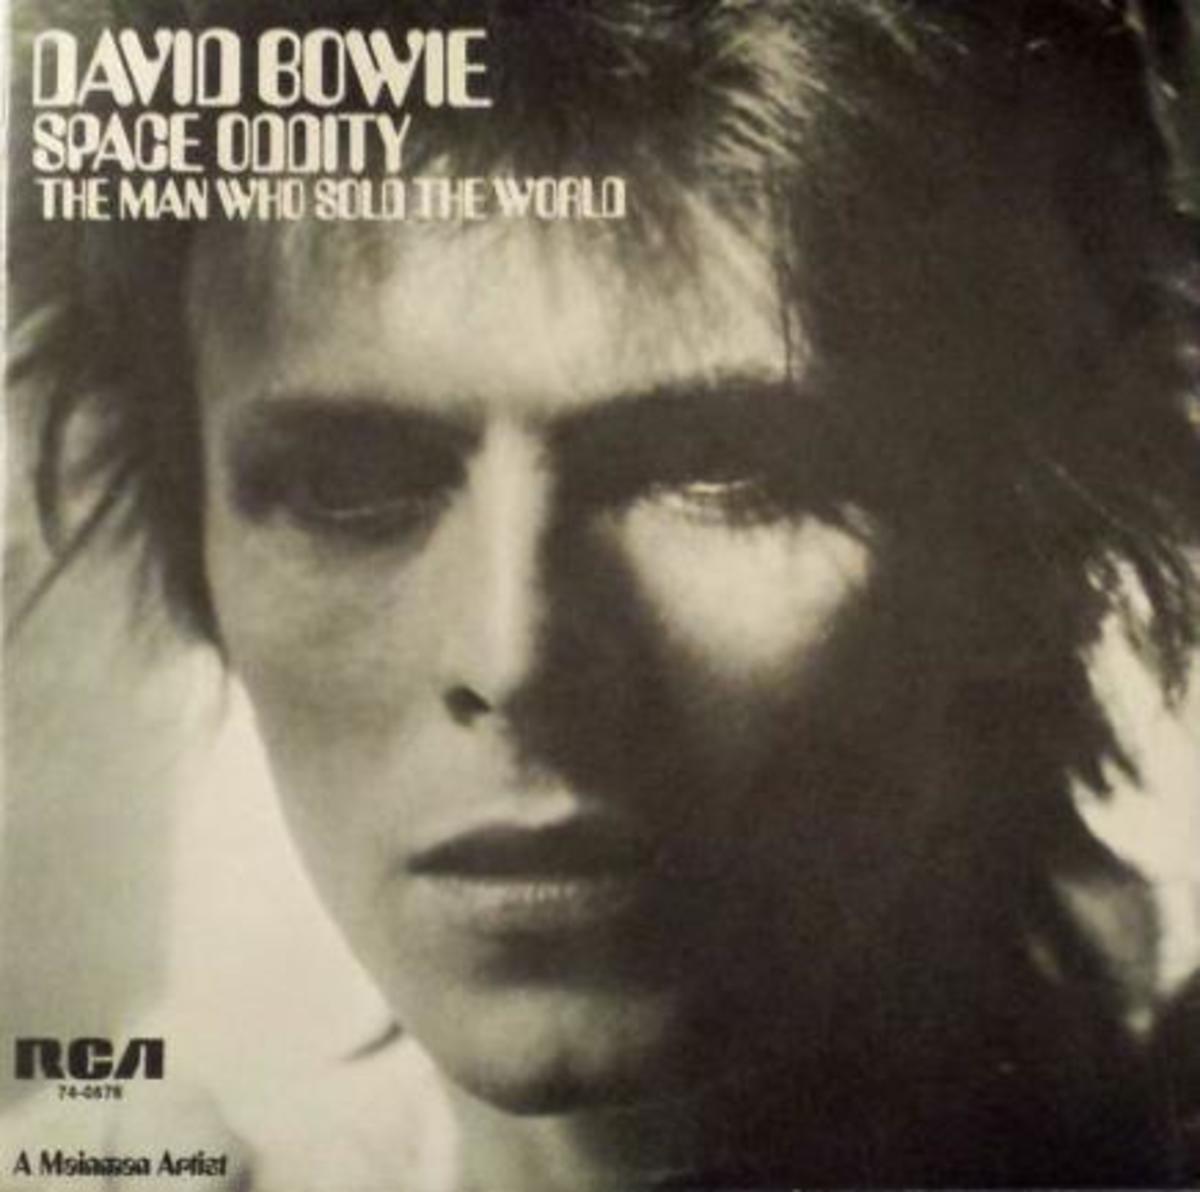 Bowie flip side 2